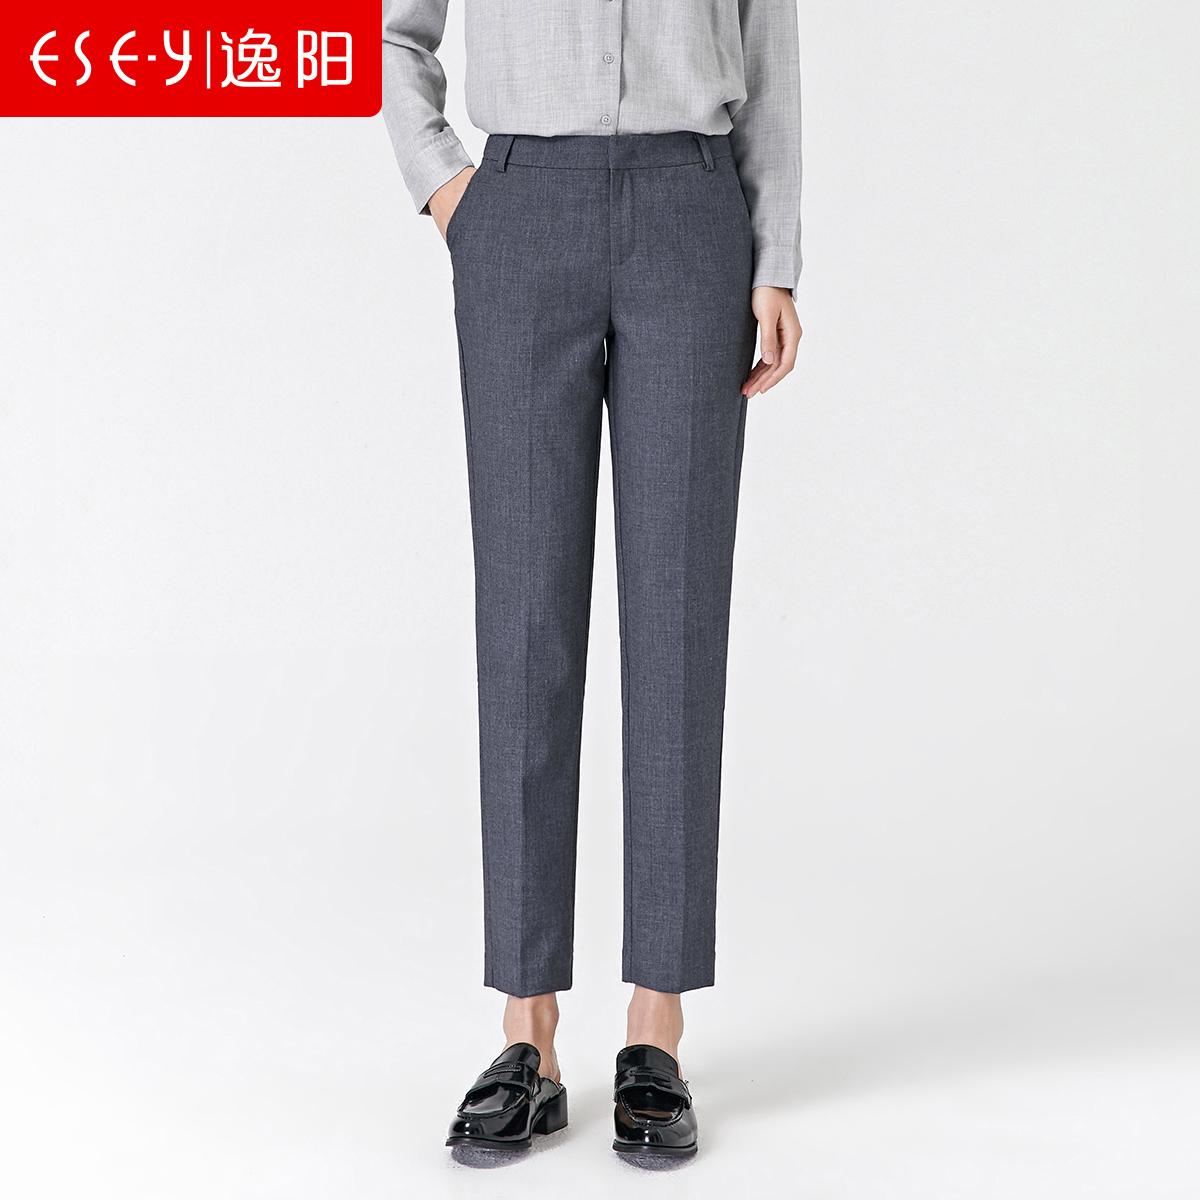 逸阳女裤2019春季新款加厚九分休闲哈伦中高腰直筒小脚西装烟管裤